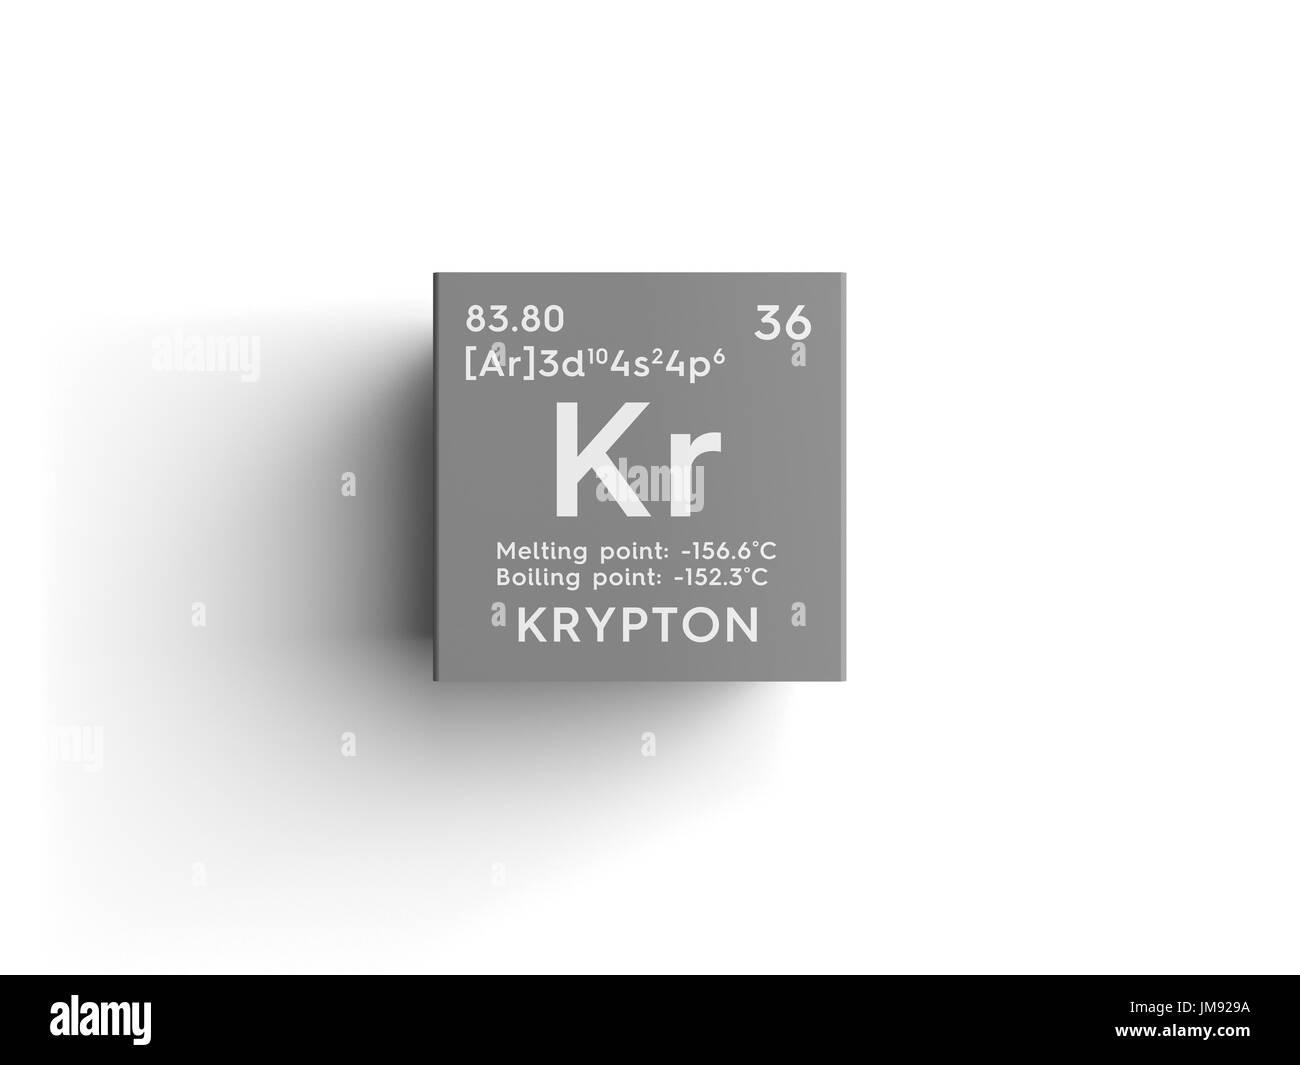 Kriptn los gases nobles elemento qumico de la tabla peridica de kriptn los gases nobles elemento qumico de la tabla peridica de mendeleyev kriptn en square cube concepto creativo urtaz Gallery